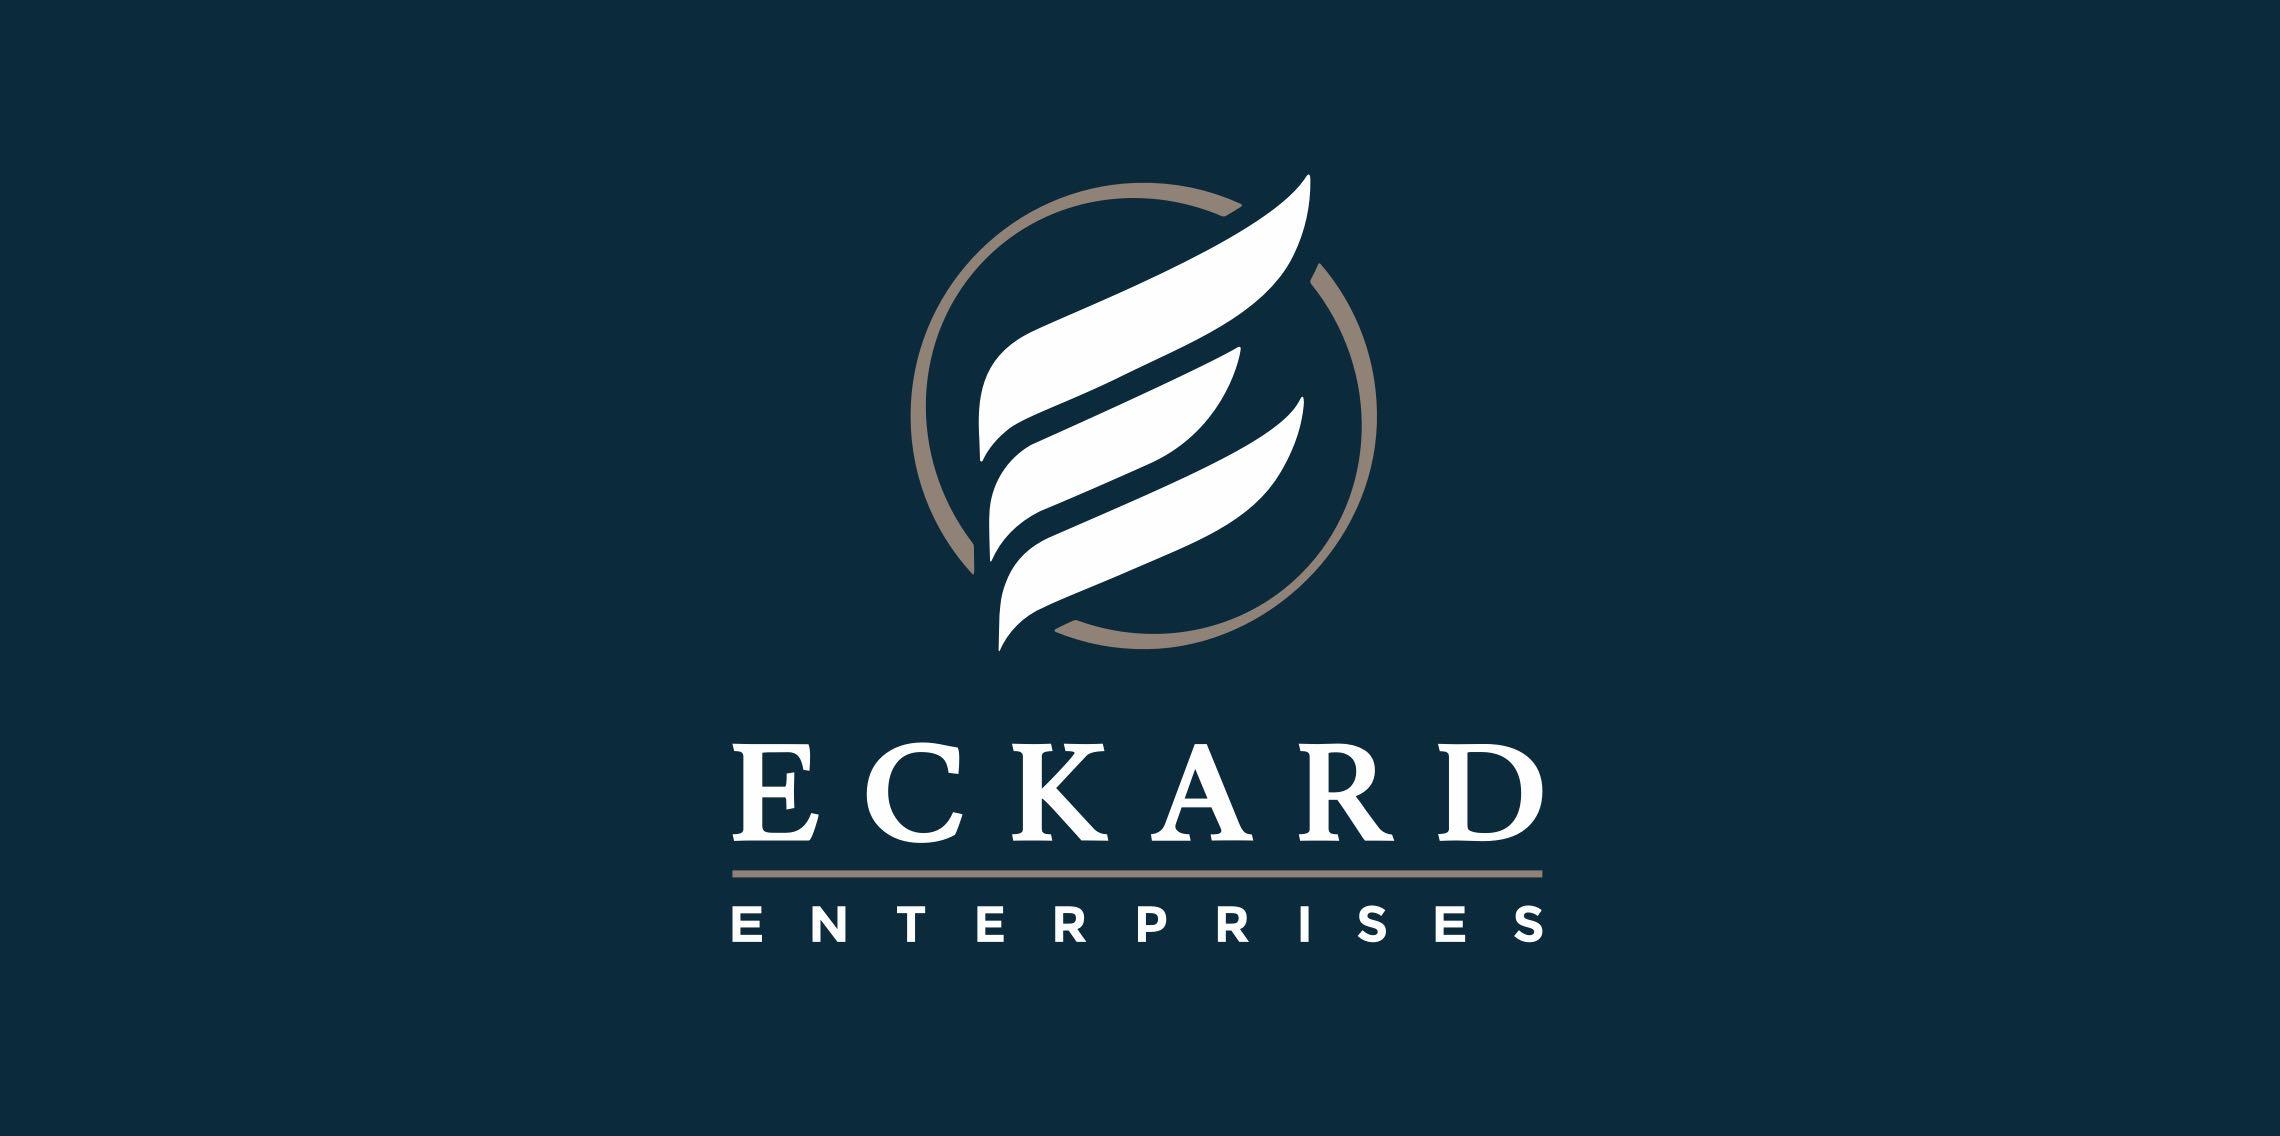 Eckard Enterprises